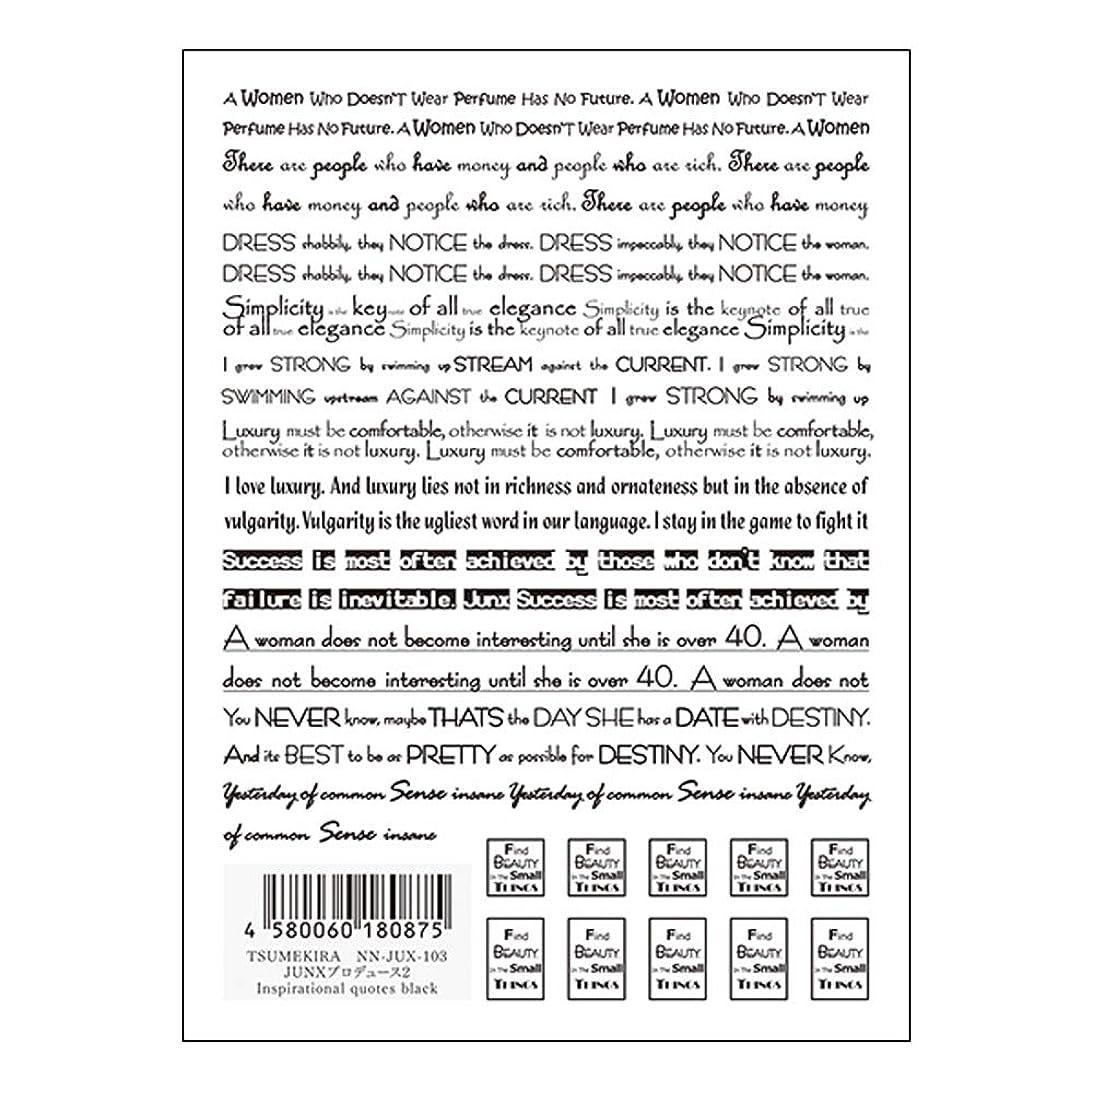 下位簡略化する驚くべきTSUMEKIRA(ツメキラ)ネイルシール JUNXプロデュース2 Inspirational quotes ブラック